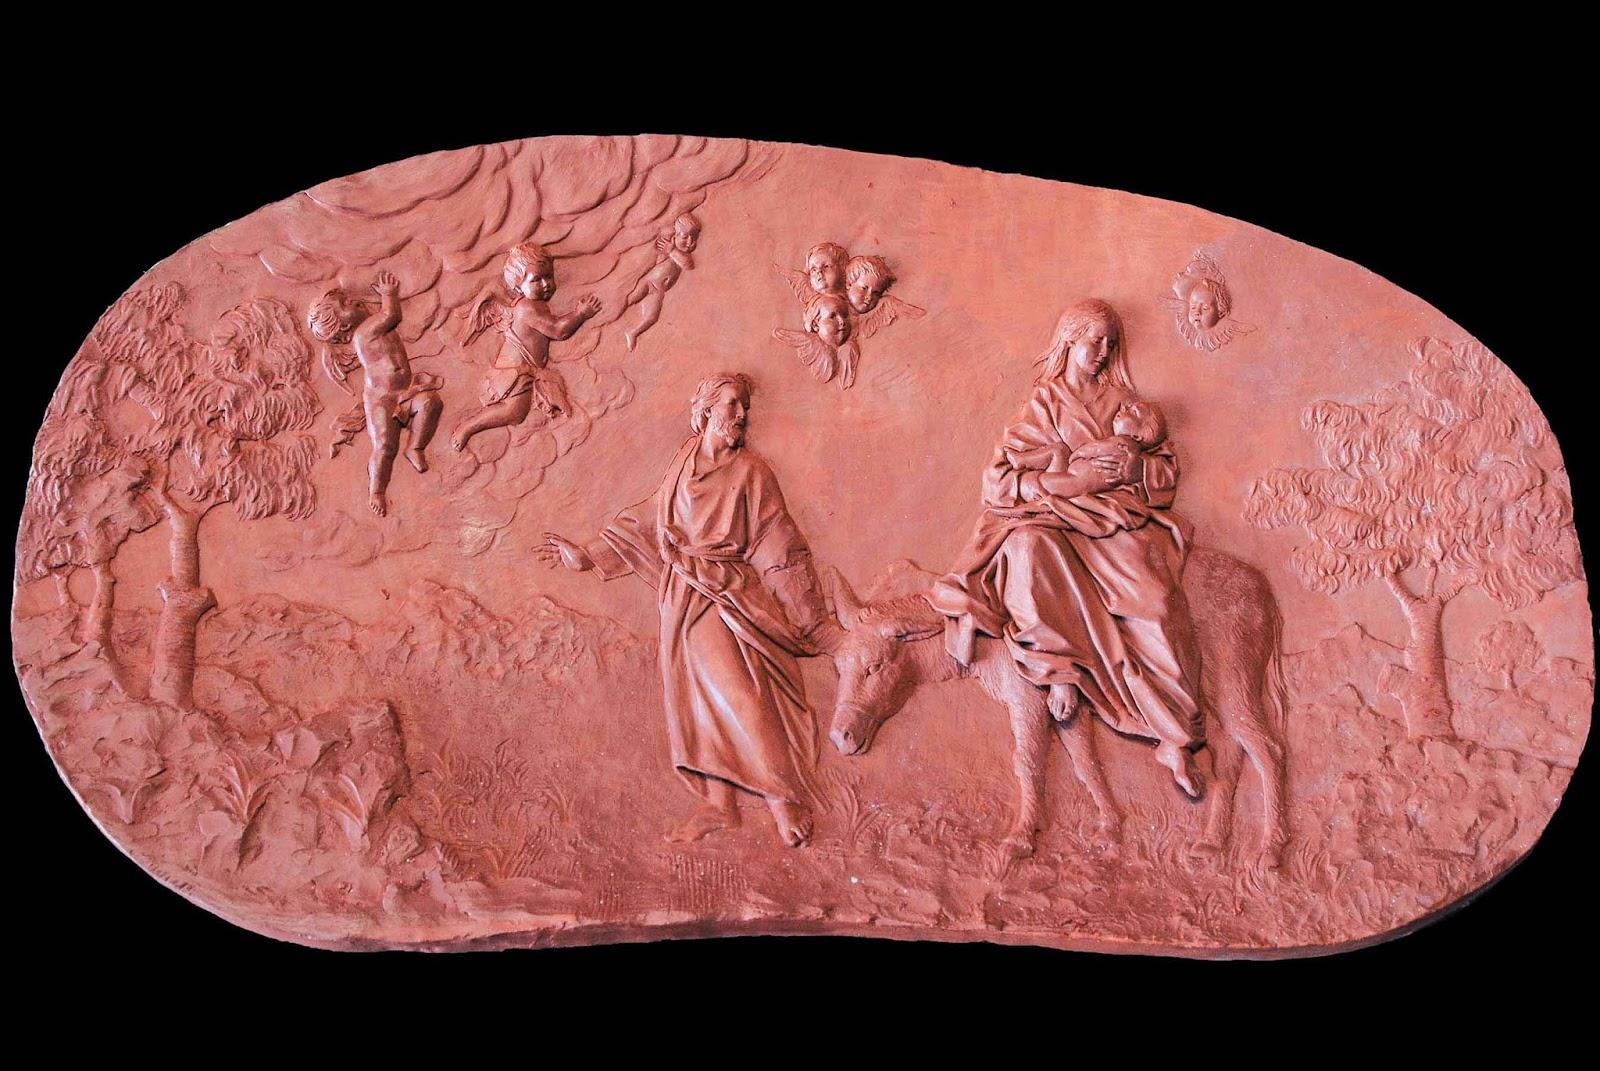 Trono Soledad Semana Santa Cartagena Murcia Arturo Serra escultura 20